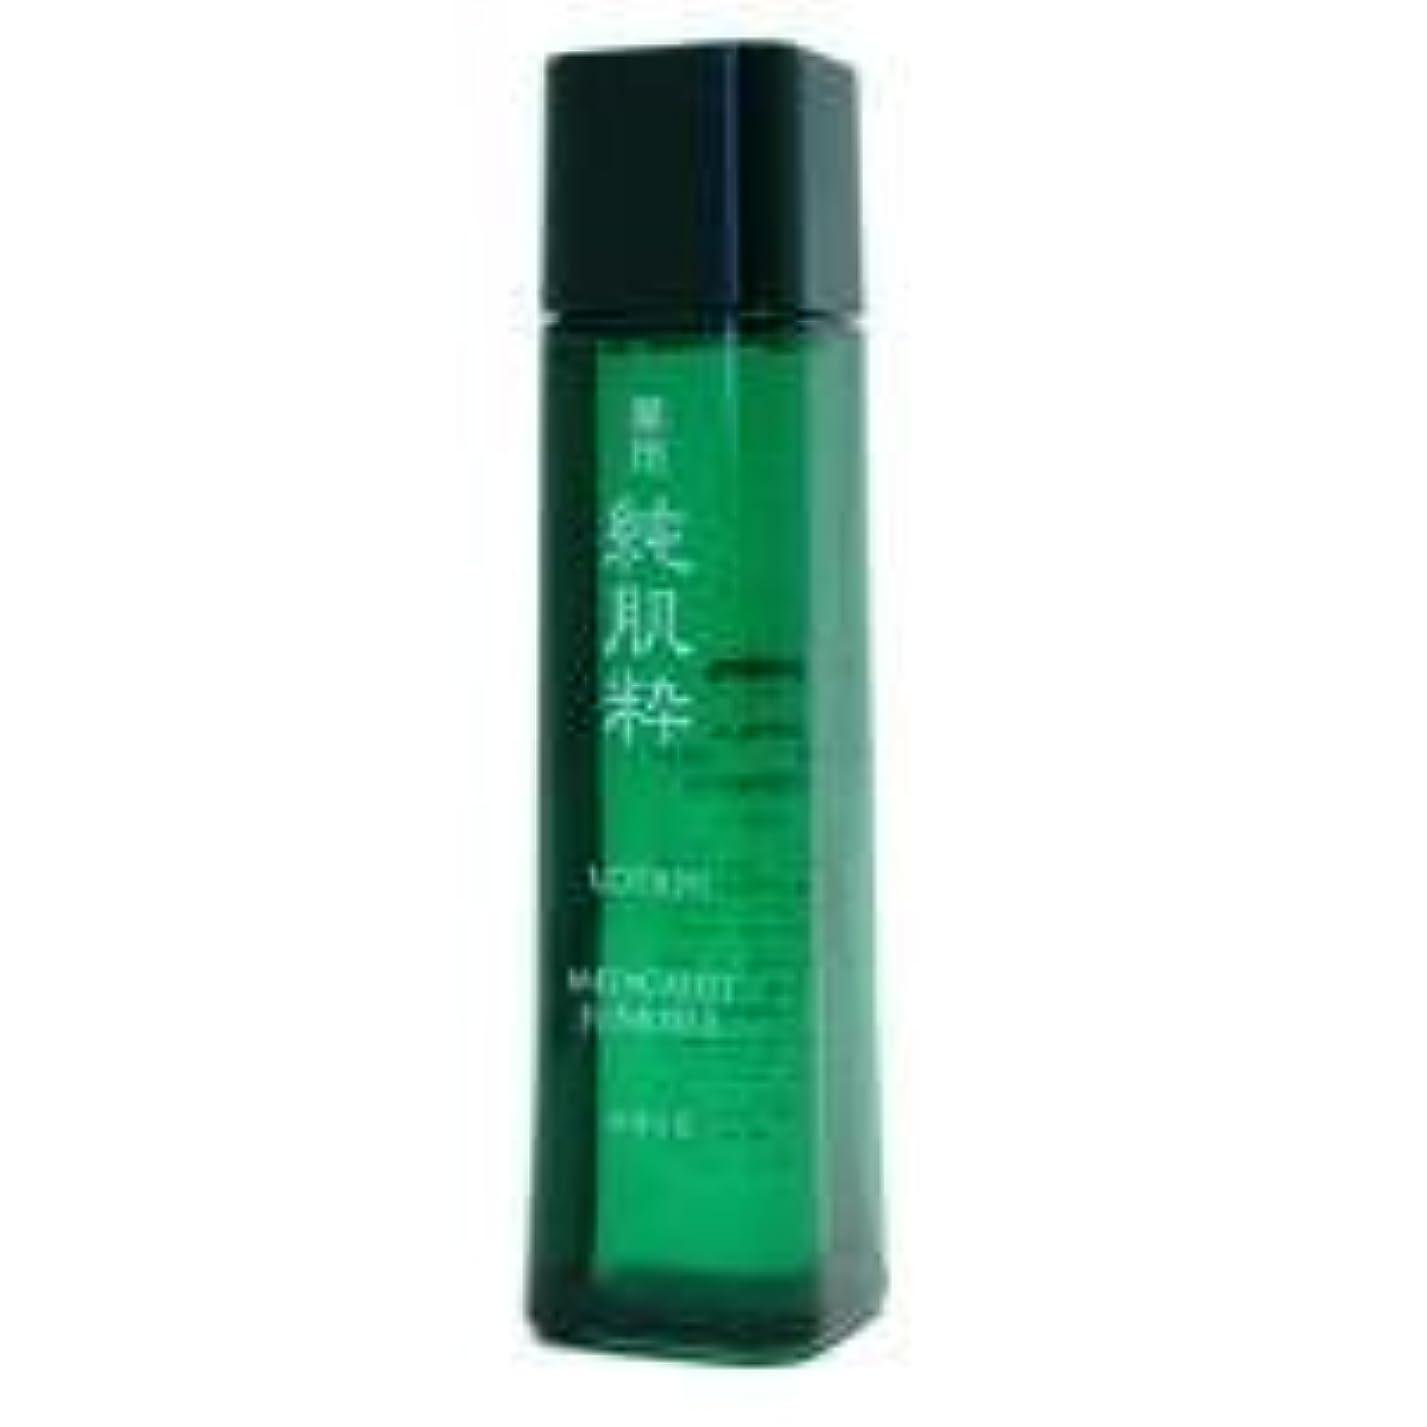 敵対的自己尊重抵抗コーセー 薬用 純肌粋 化粧水 150ml